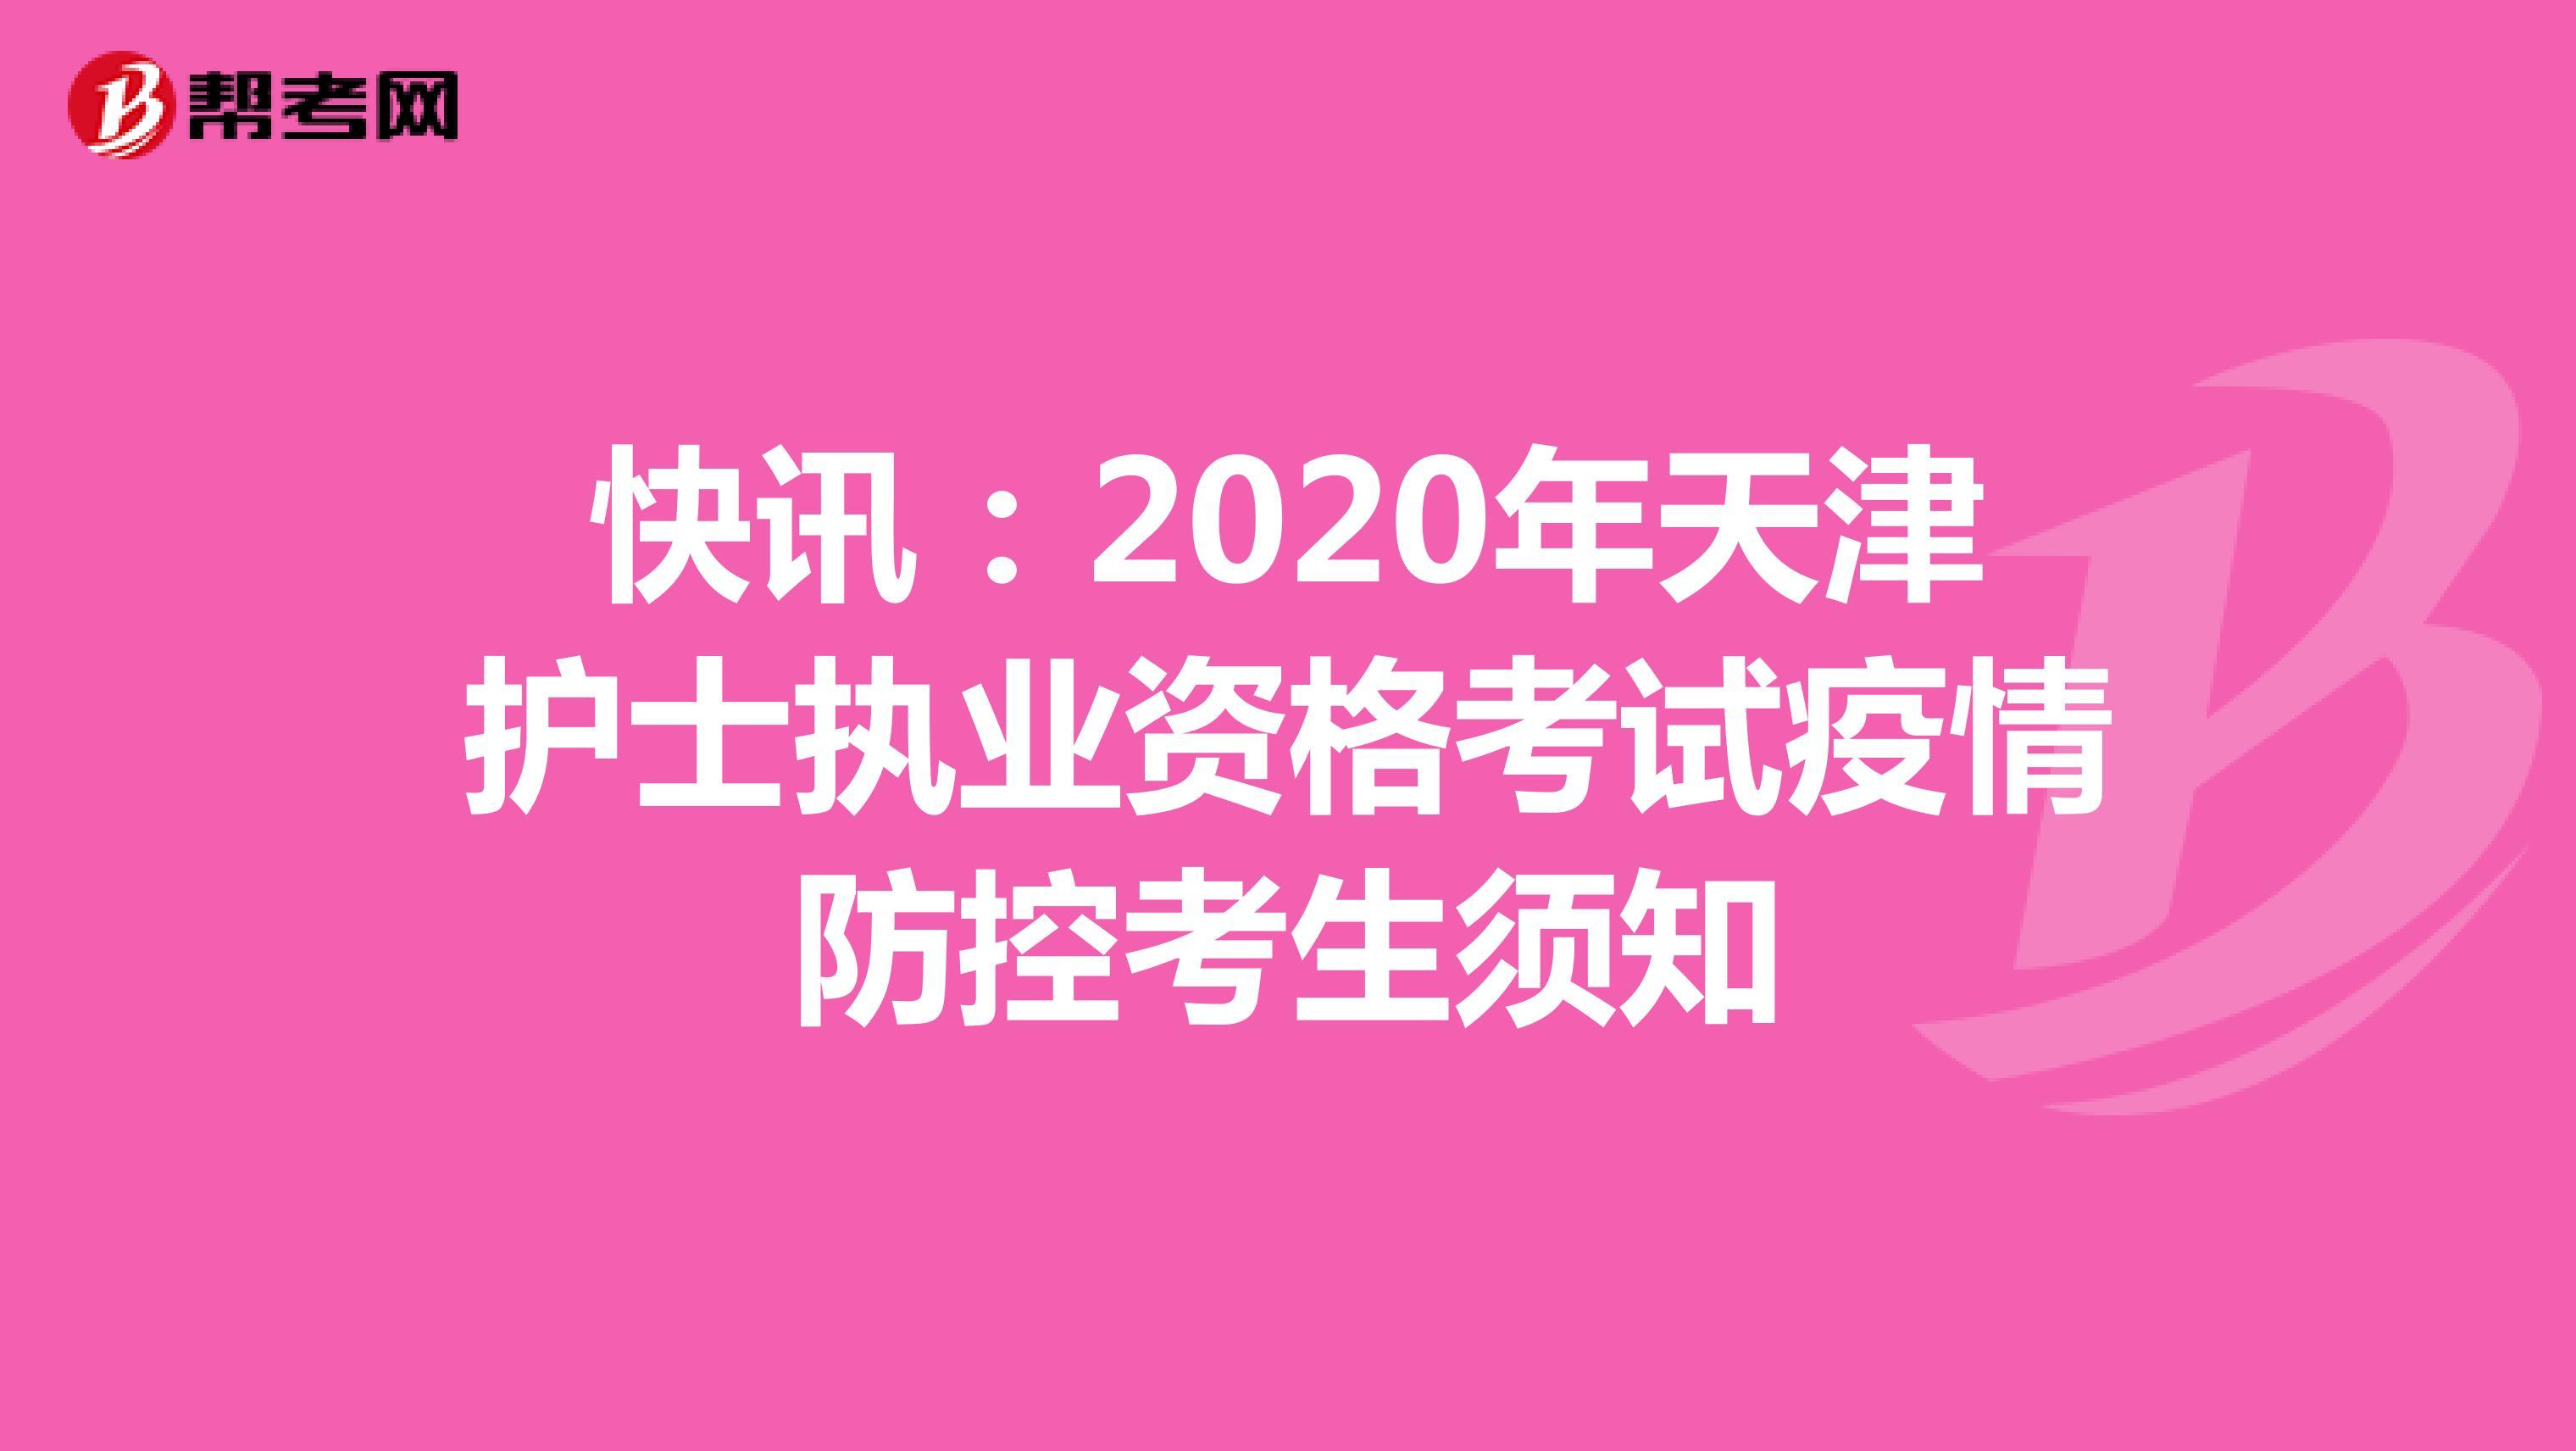 快讯:2020年天津护士执业资格考试疫情防控考生须知